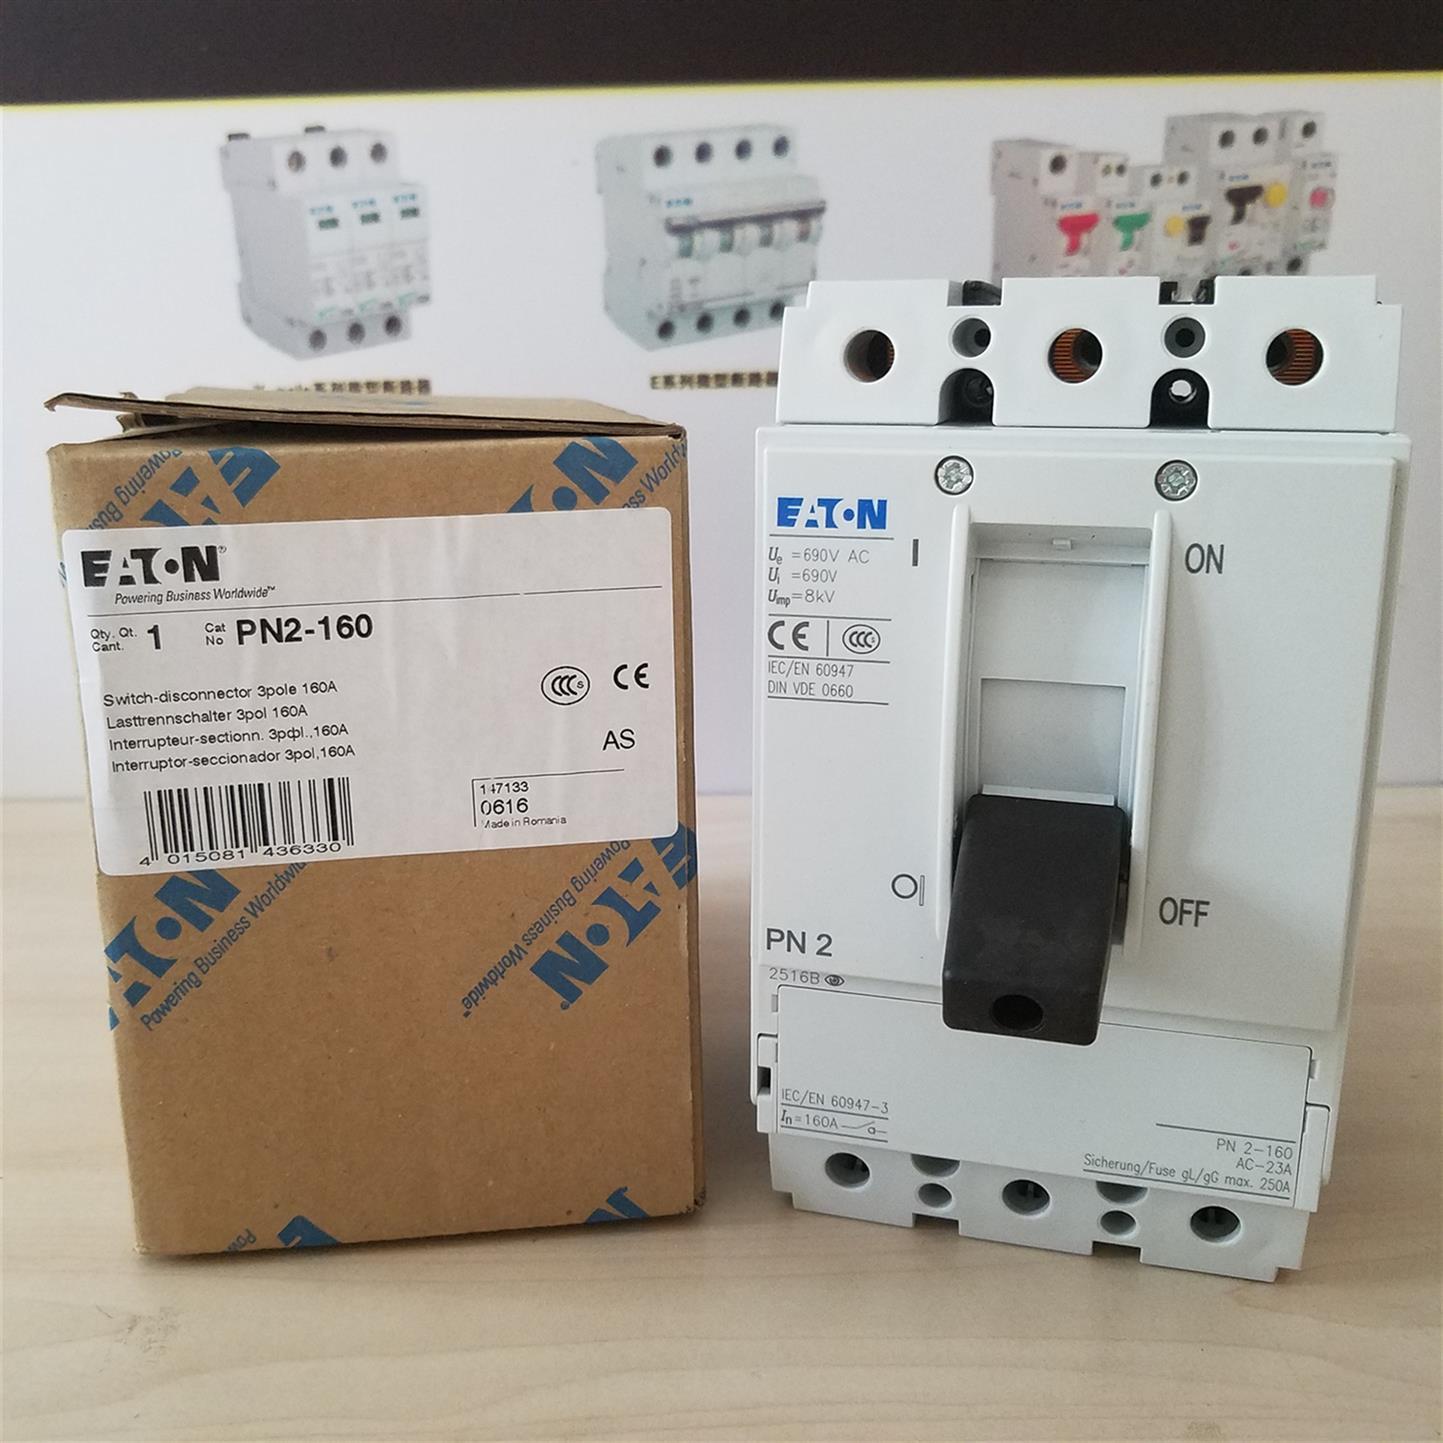 IZM91B4-V08W金钟穆勒塑壳断路器批发